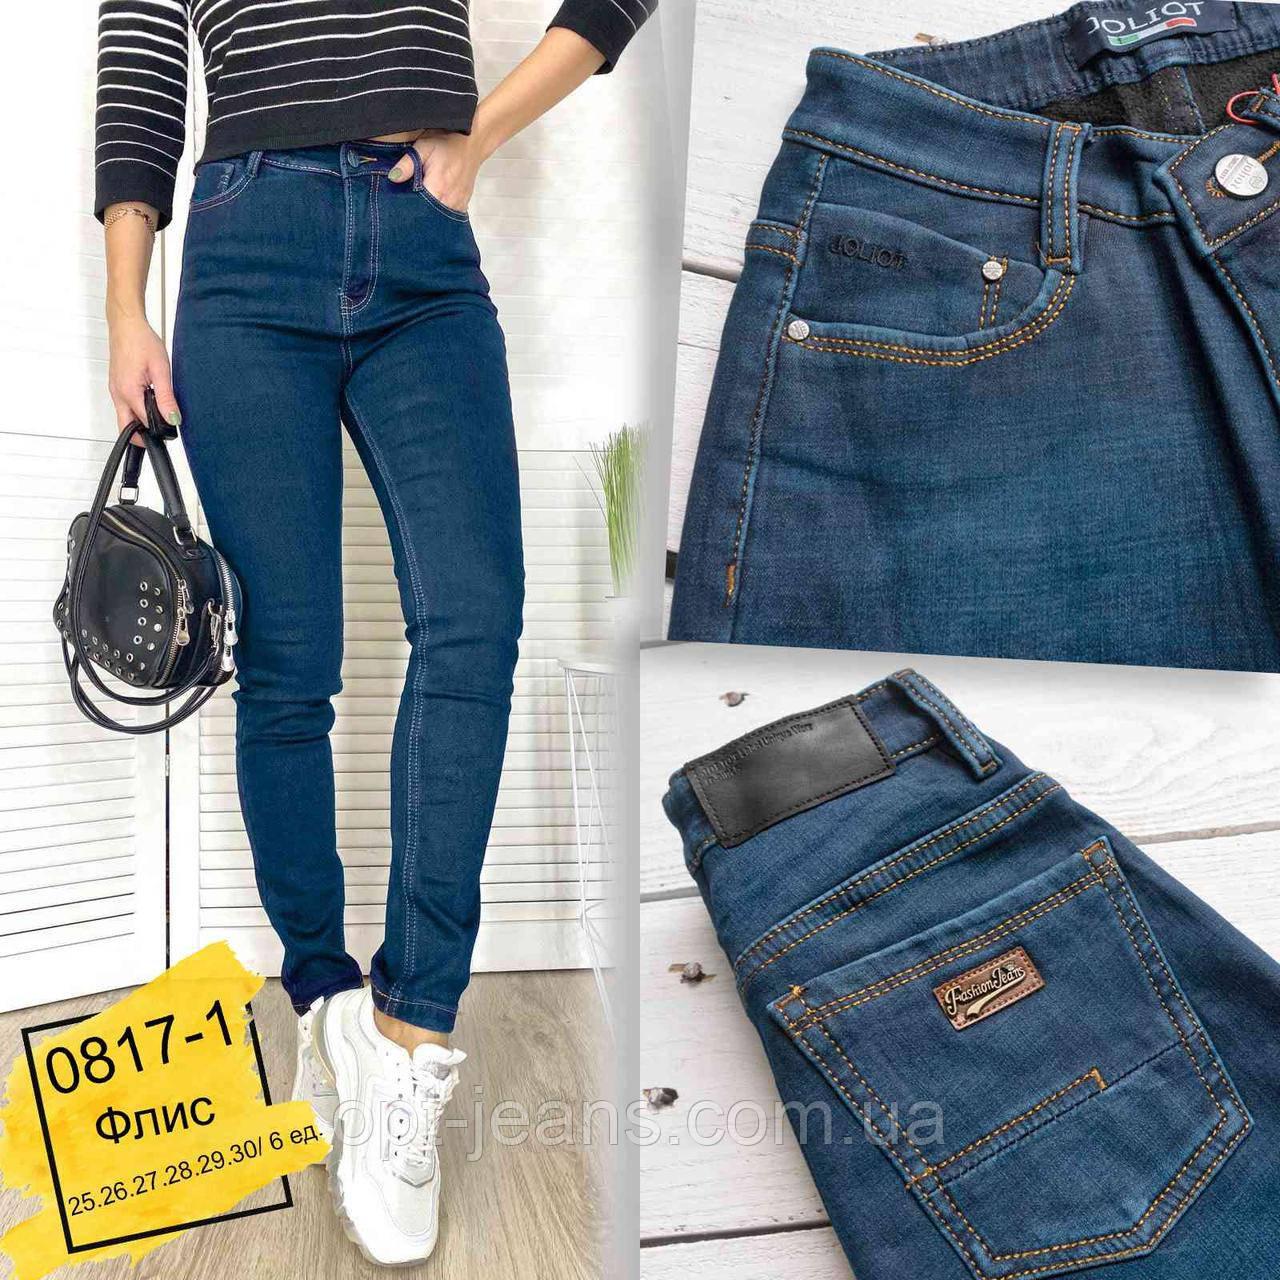 Joliot женские Американка джинсы на флисе (25-30/6ед.)